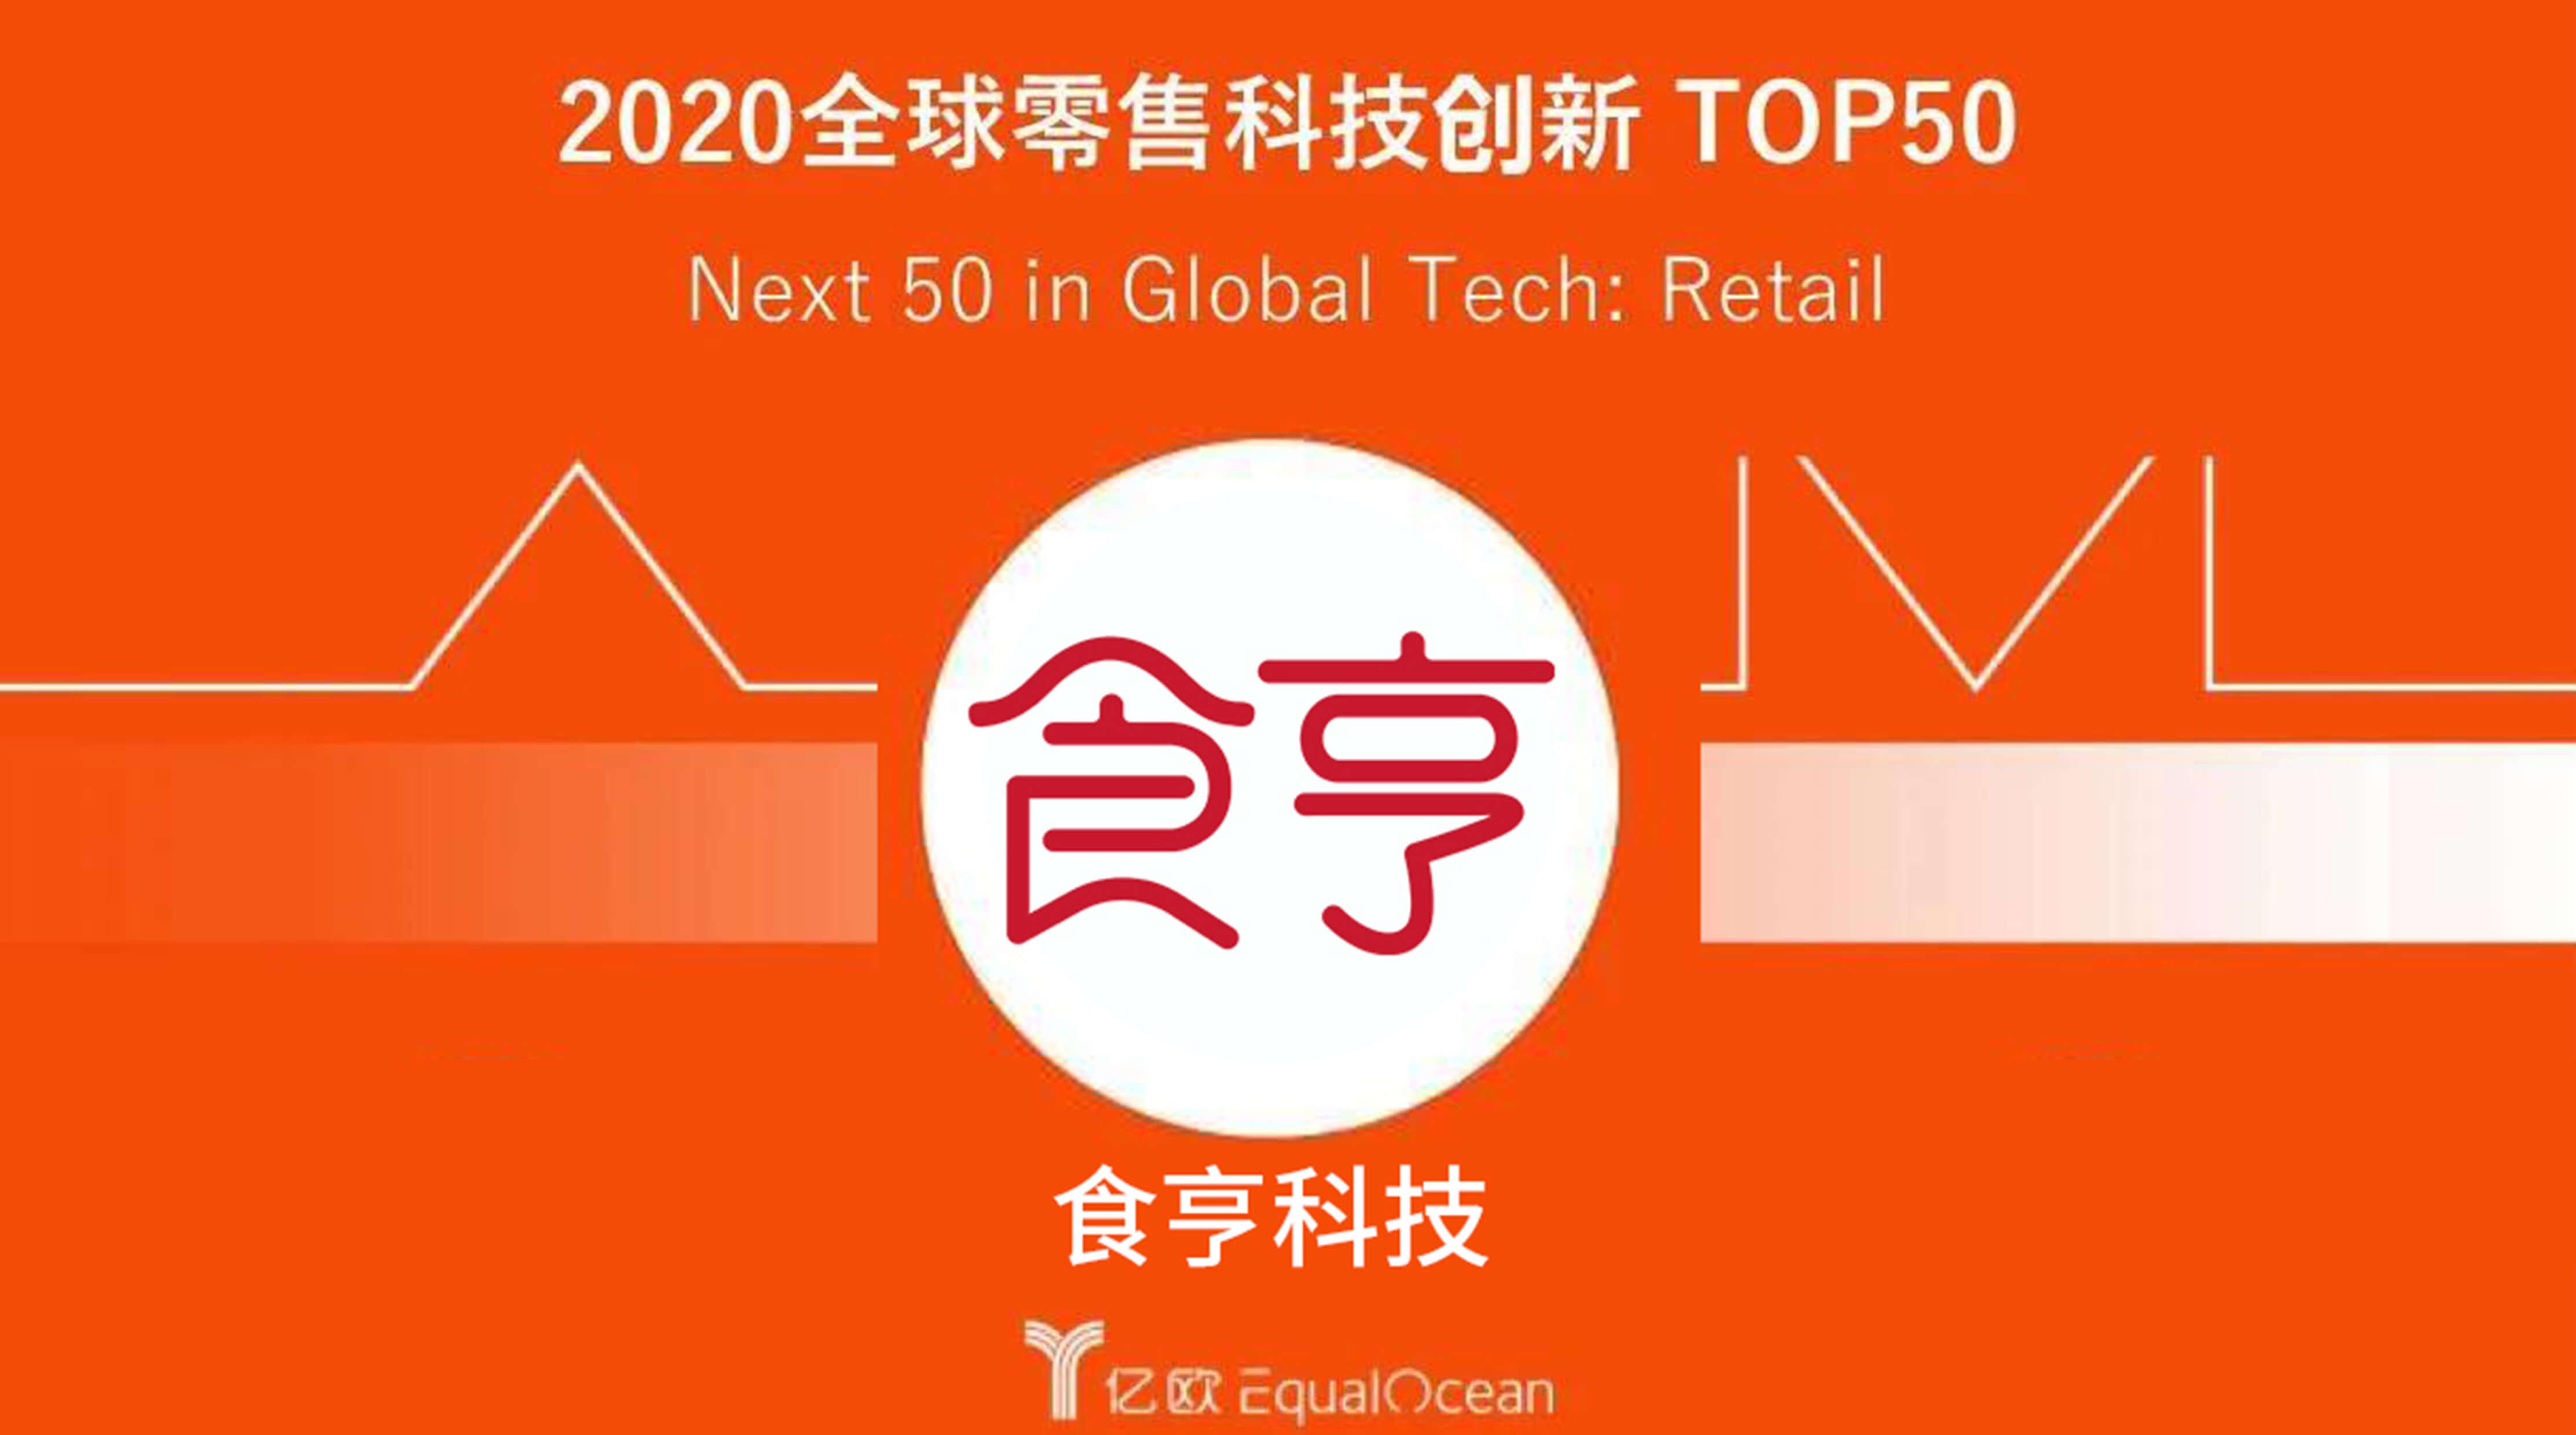 """数字赋能成焦点 数字服务商食亨上榜""""2020全球零售科技创新TOP50"""""""